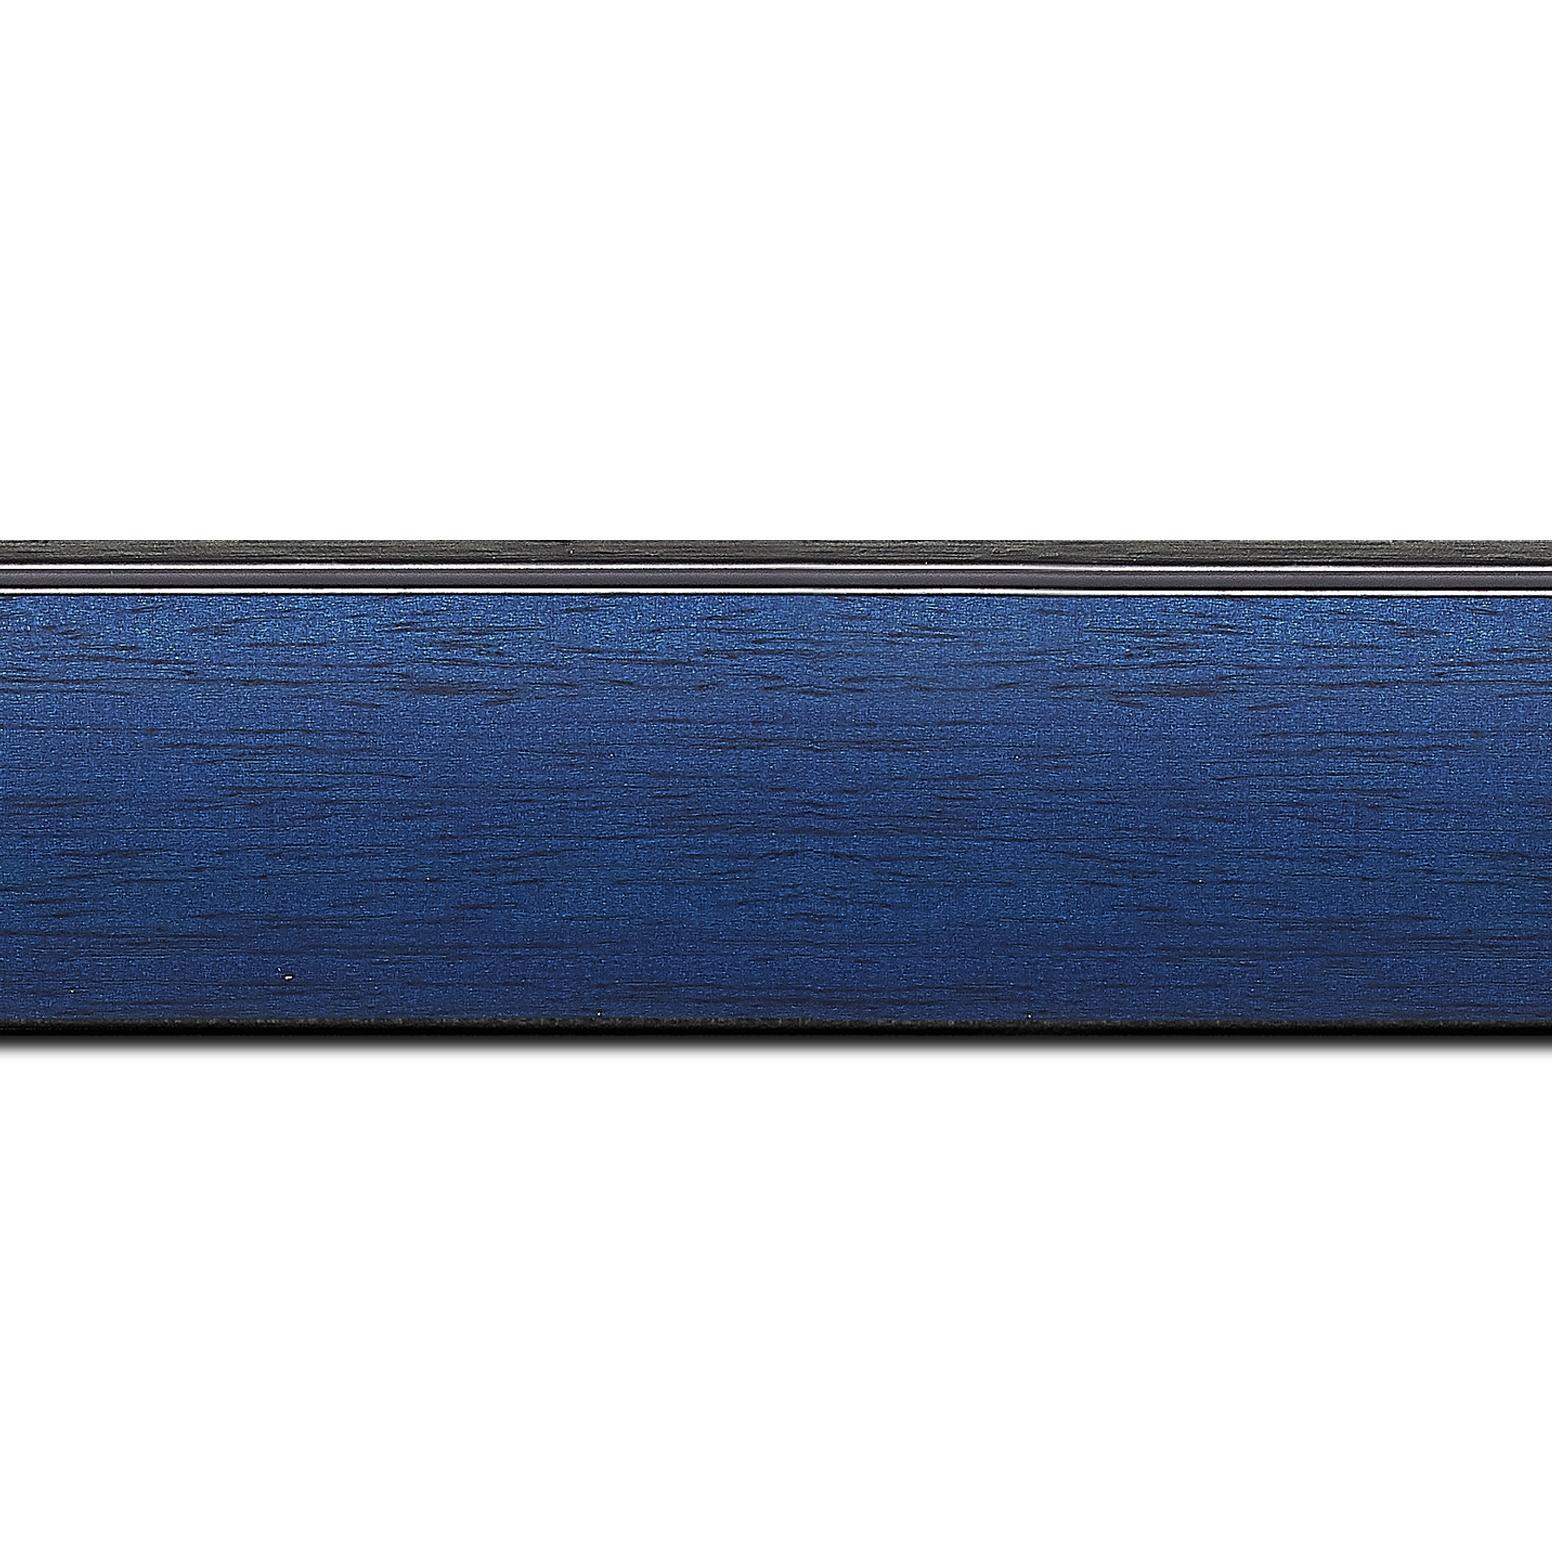 Baguette longueur 1.40m bois profil en pente méplat largeur 4.8cm couleur bleu cobalt satiné surligné par une gorge extérieure noire : originalité et élégance assurée